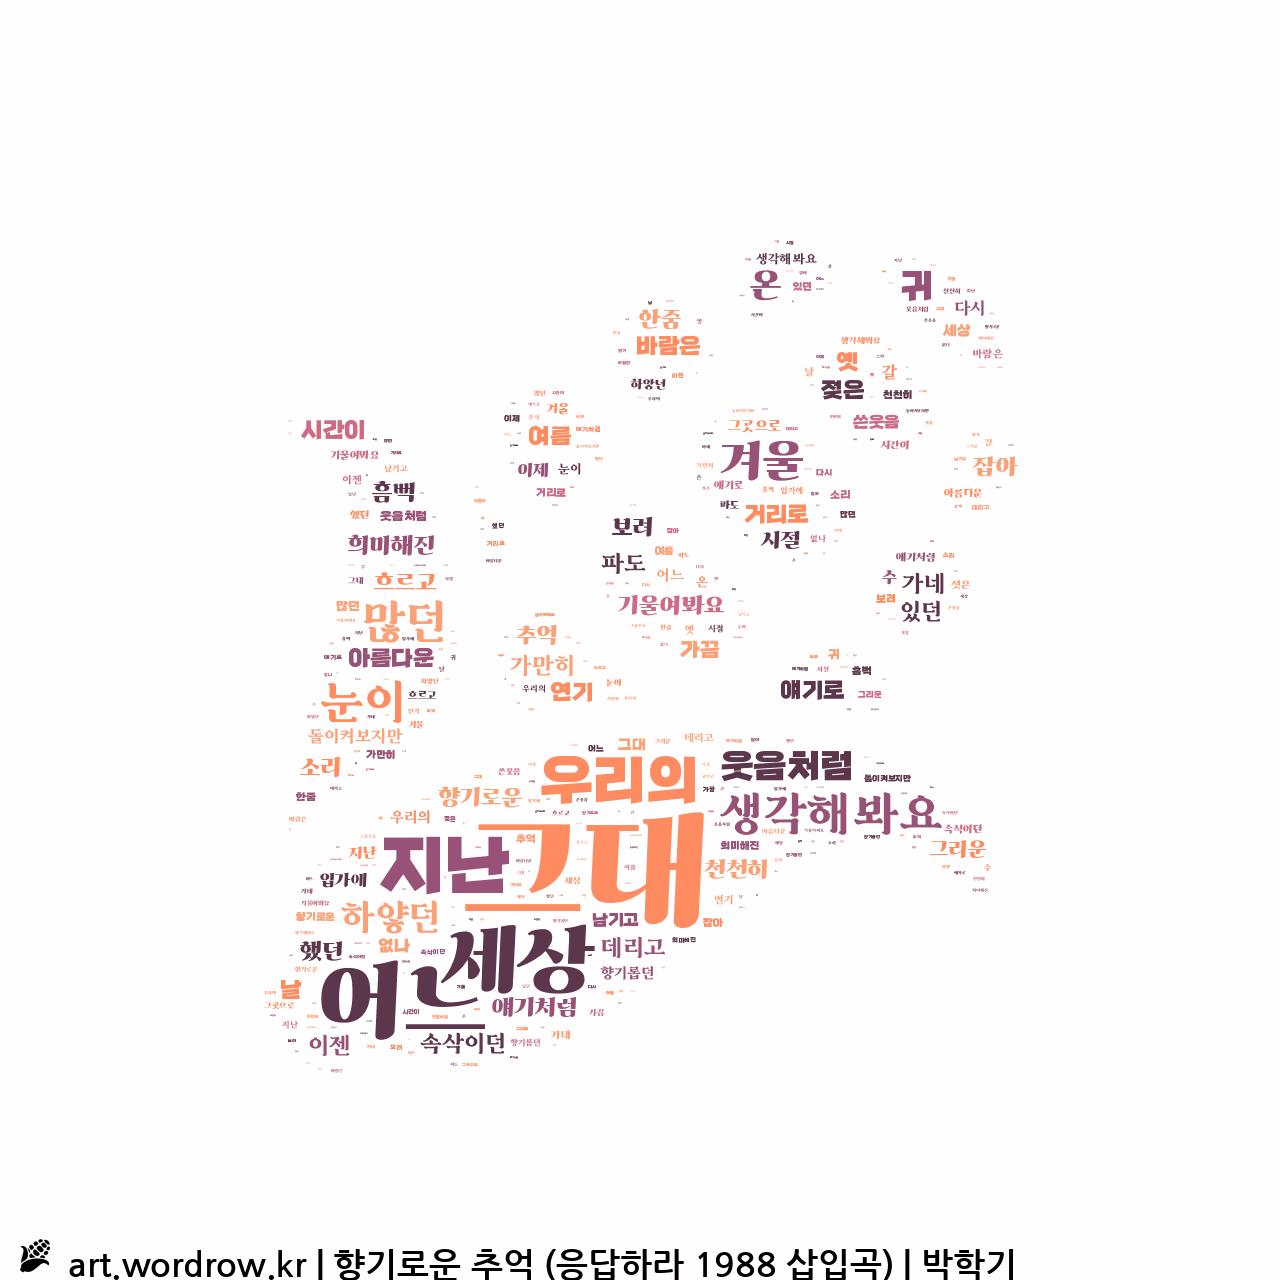 워드 아트: 향기로운 추억 (응답하라 1988 삽입곡) [박학기]-33